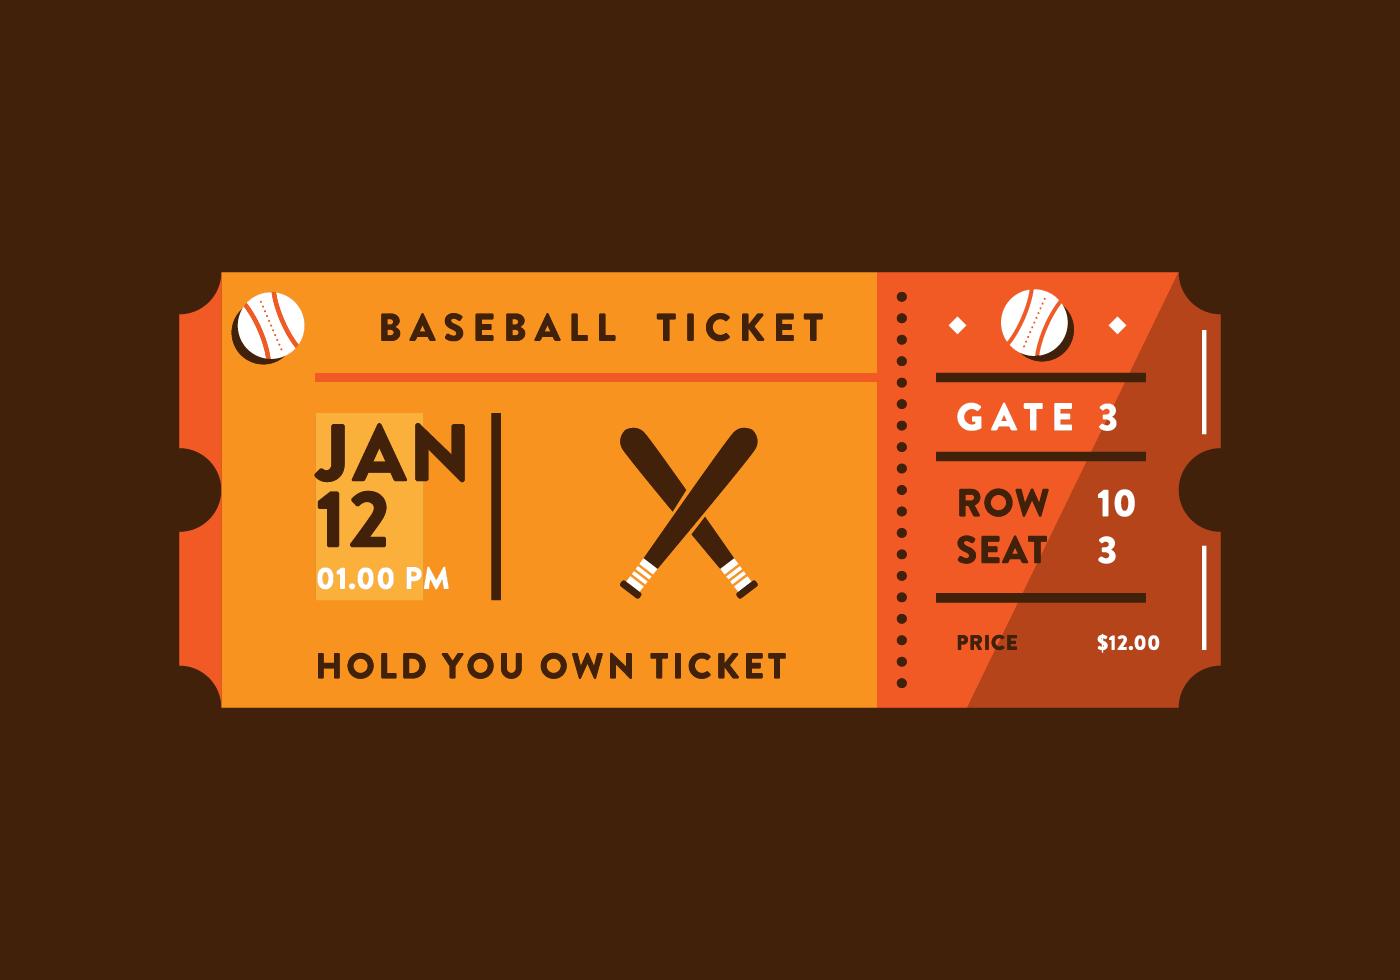 Sporting Event Ticket Vector Download Free Vectors